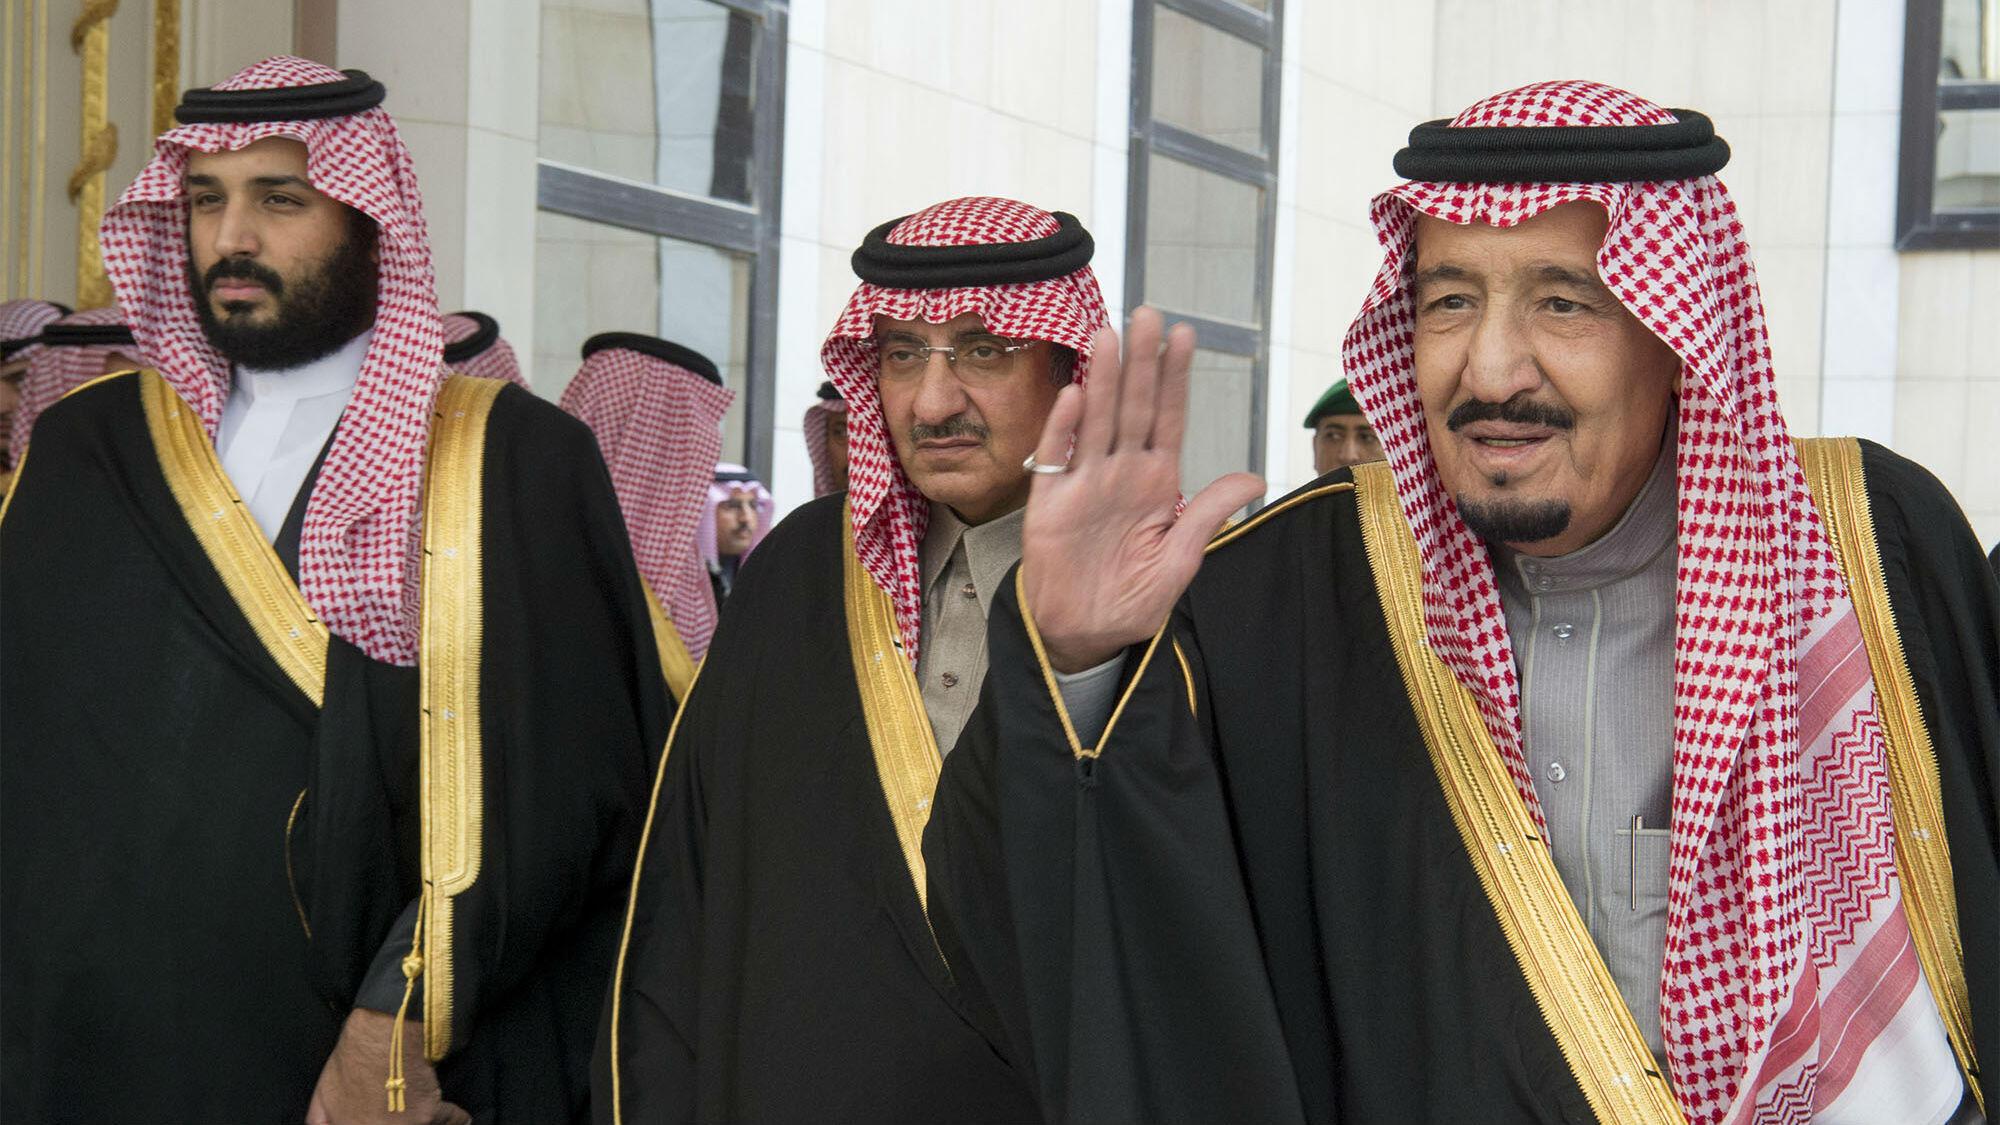 Imagen de archivo. A la izquierda, el príncipe Mohammed bin Salman, en el centro, el príncipe Ahmed bin Abdulaziz, hermano del rey Salman bin Abdulaziz, a la derecha. 14 de diciembre de 2016.